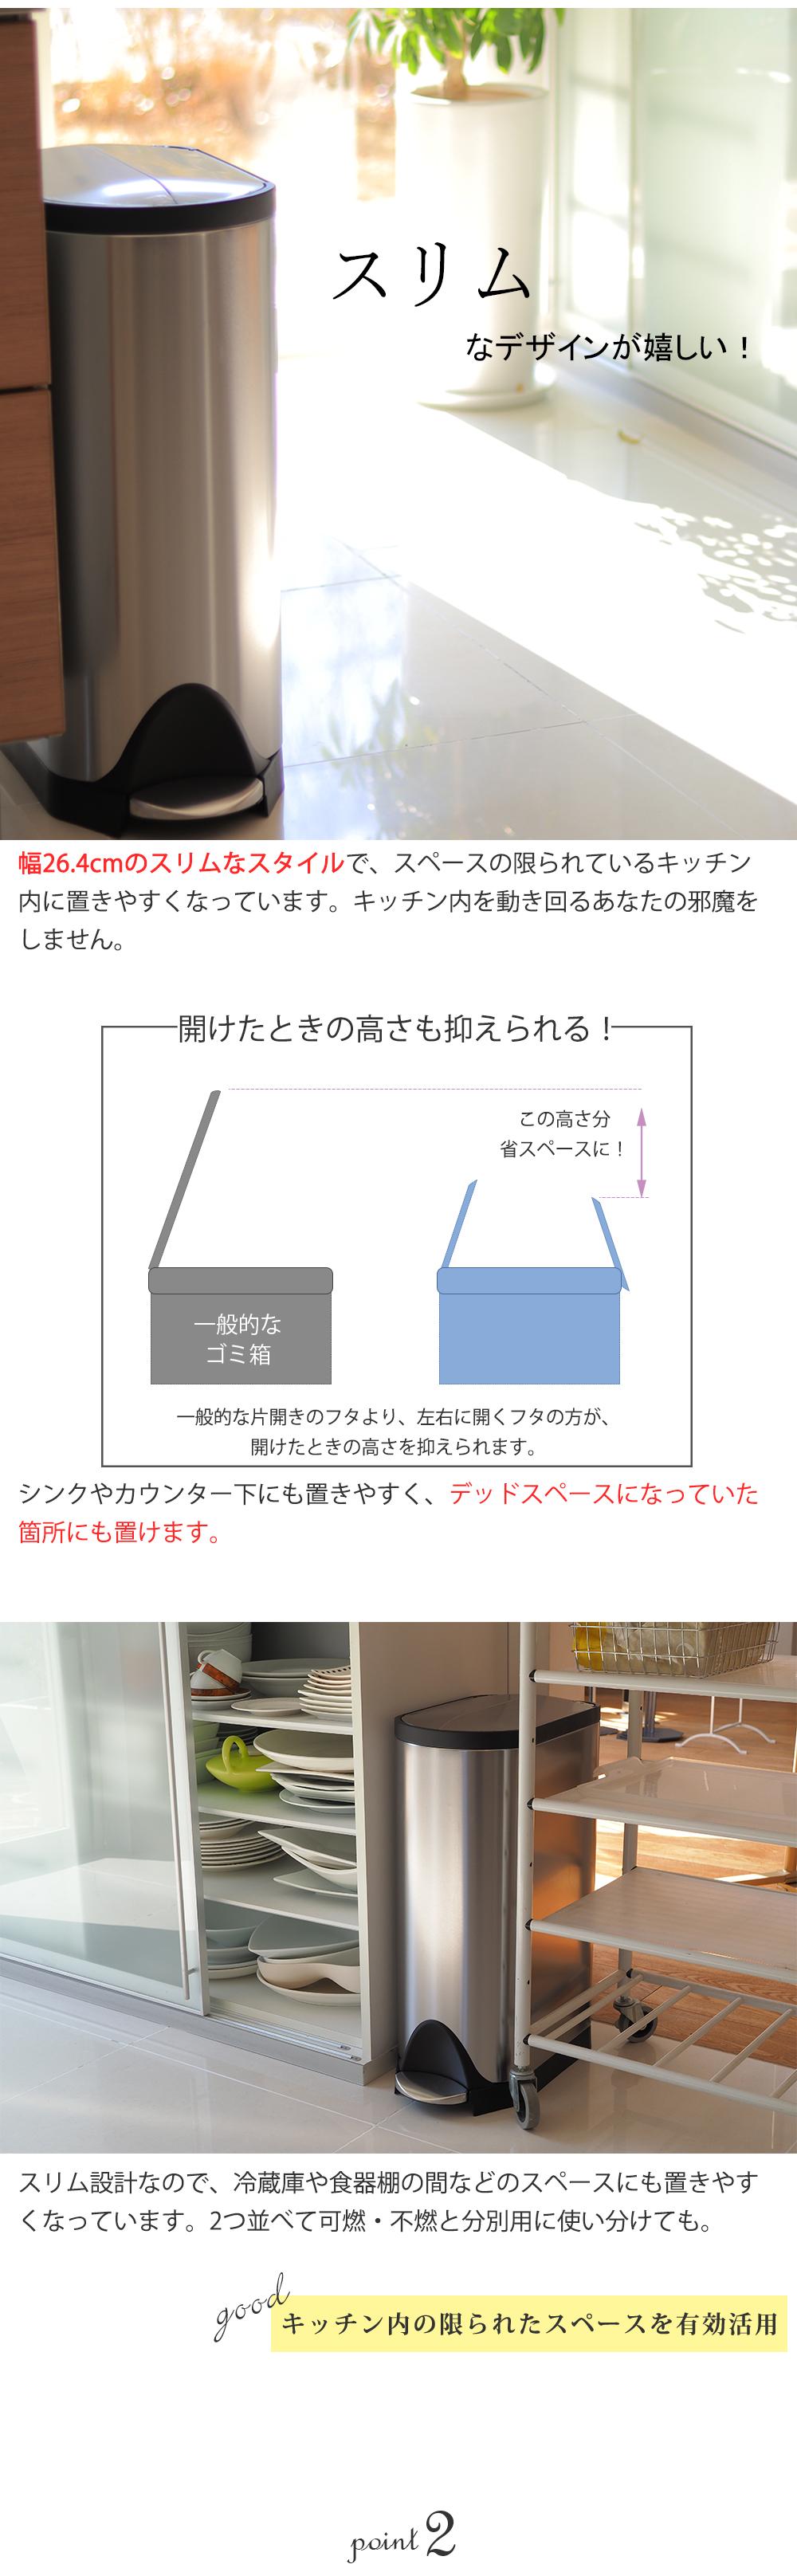 オープンな間取りのキッチンにステンレスのきれいなゴミ箱を置いている